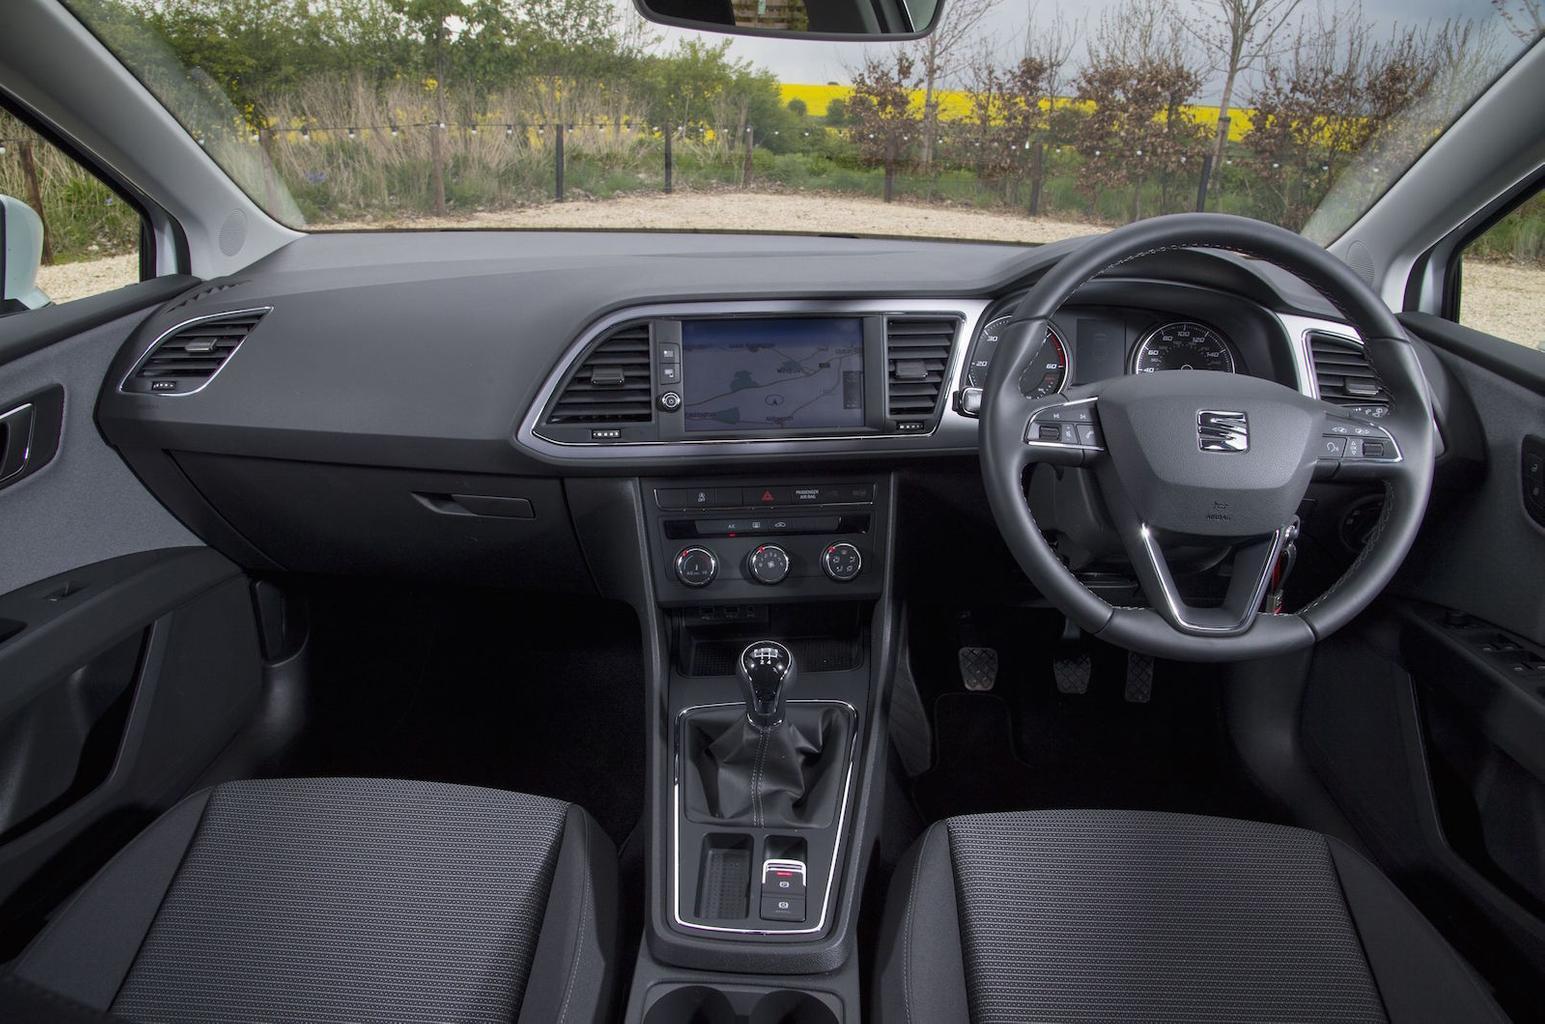 Seat Leon ST 1.5 TSI Evo SE - interior